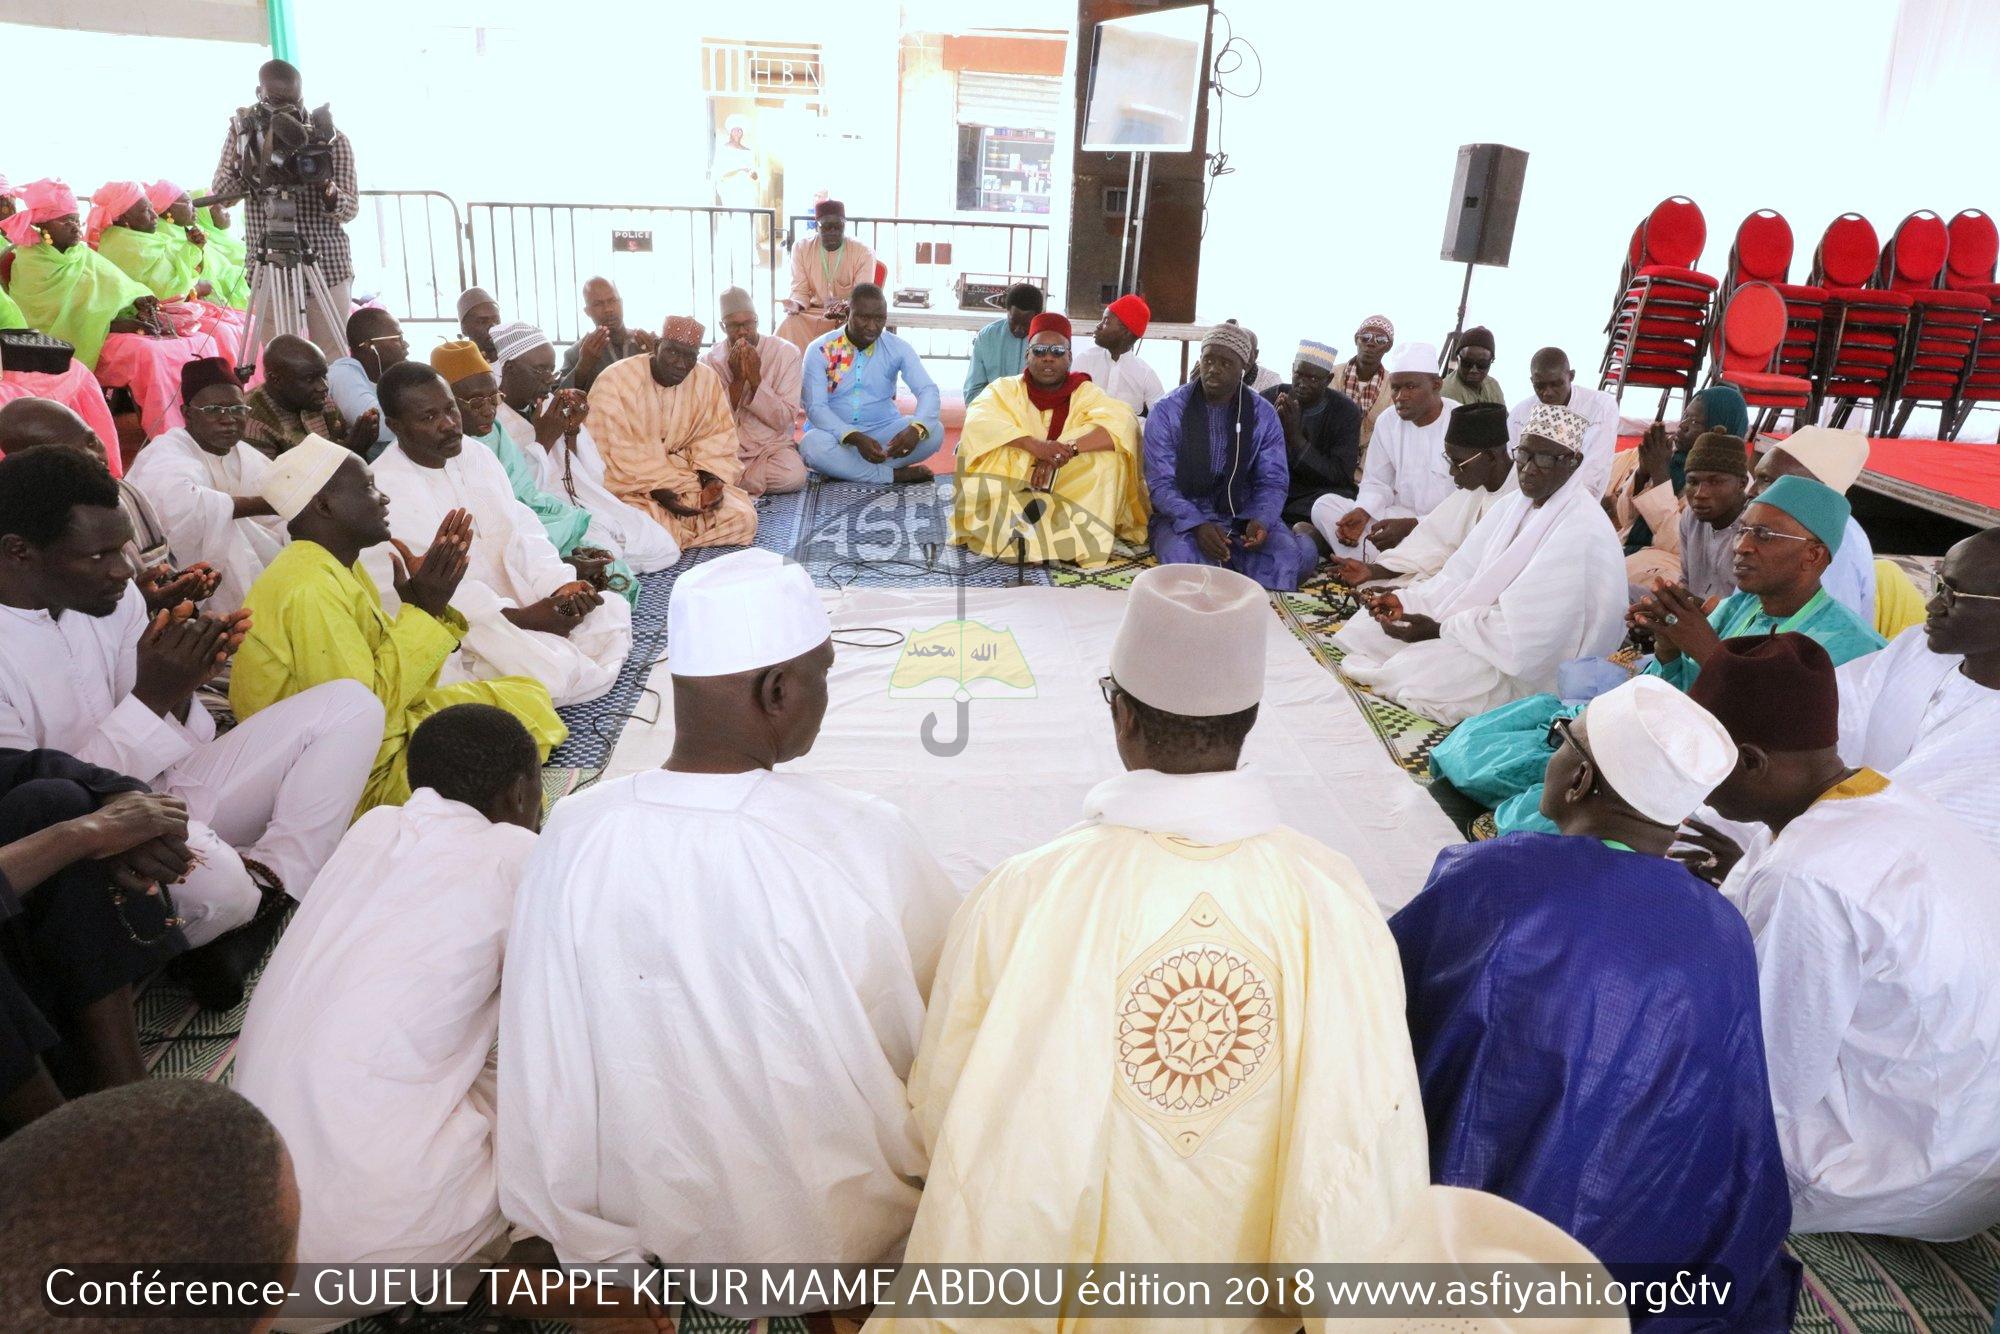 PHOTOS - Les images de la Conférence du Dahira MOUHSININA WAL MOUHSINATY, Samedi 26 Mai 2018 à la Geule-Tapée chez El hadj Abdoul Aziz Sy Dabakh